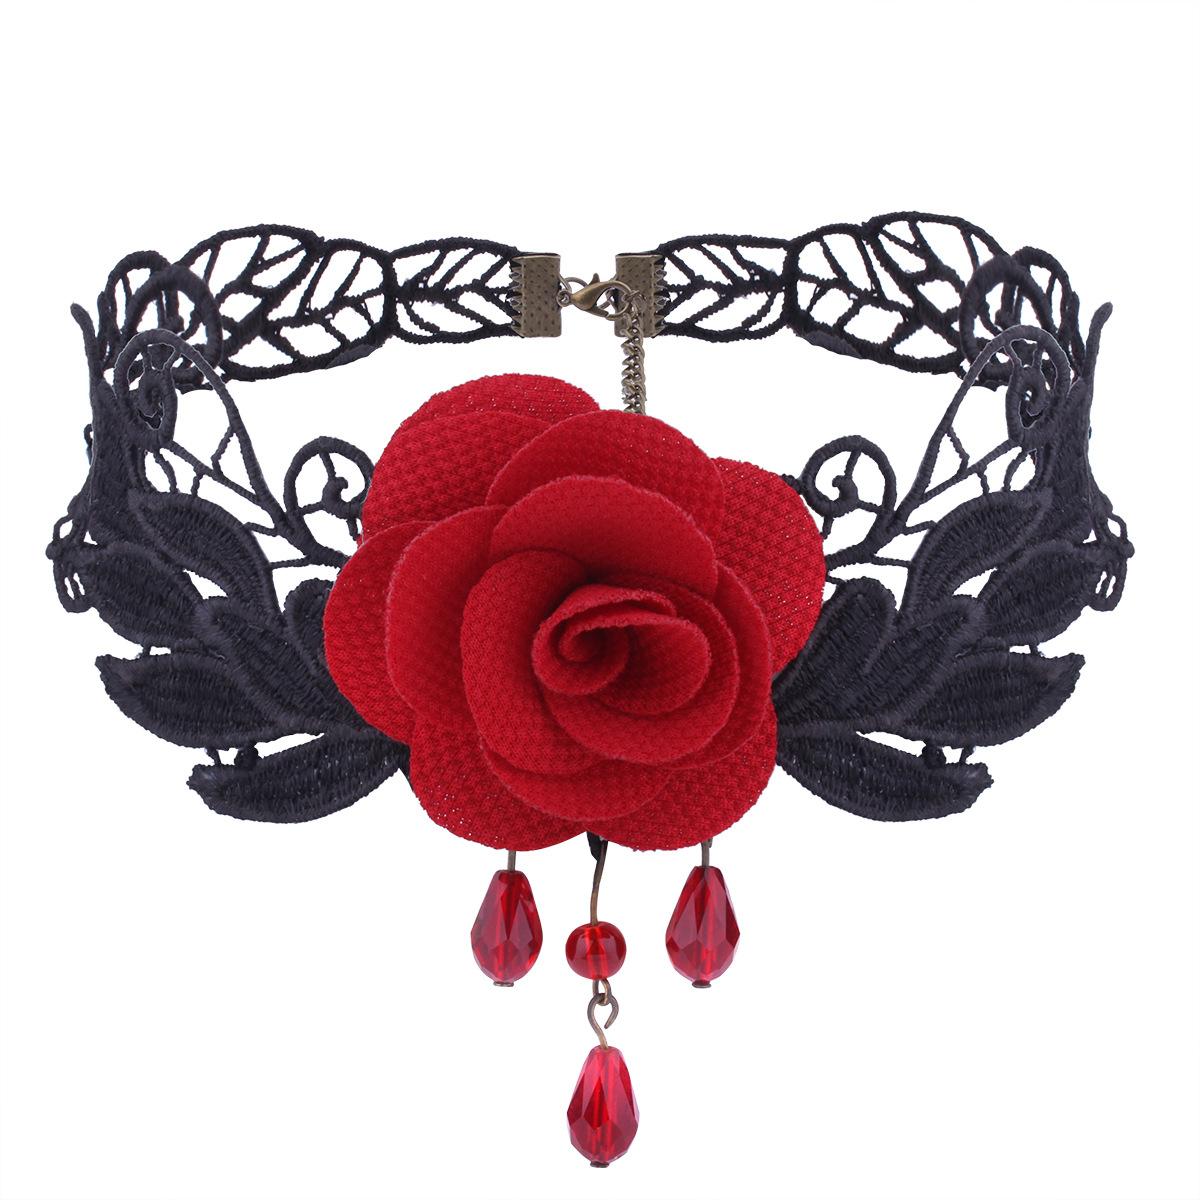 哥特式宫廷复古风蕾丝镂空花朵项链玫瑰花短款束颈锁骨链女生气质